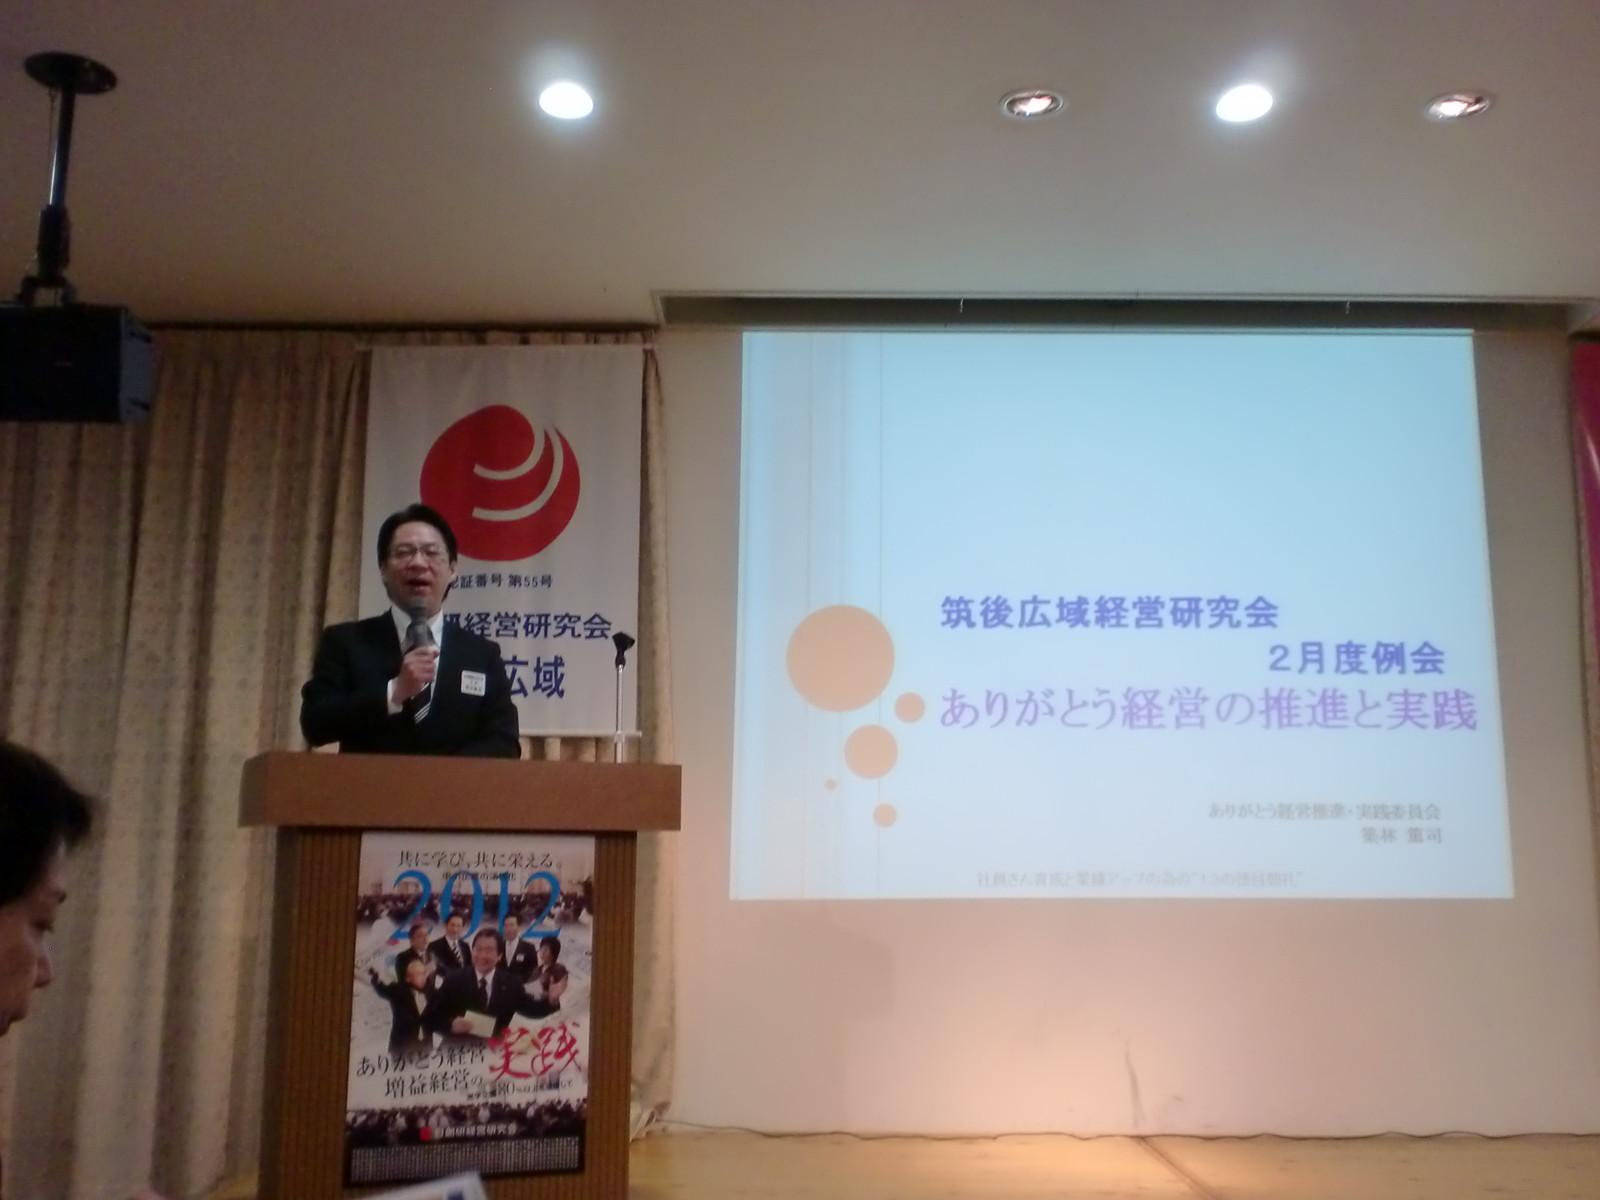 筑後広域経営研究会2月例会&泉屋酒店さん朝礼に参加しました。